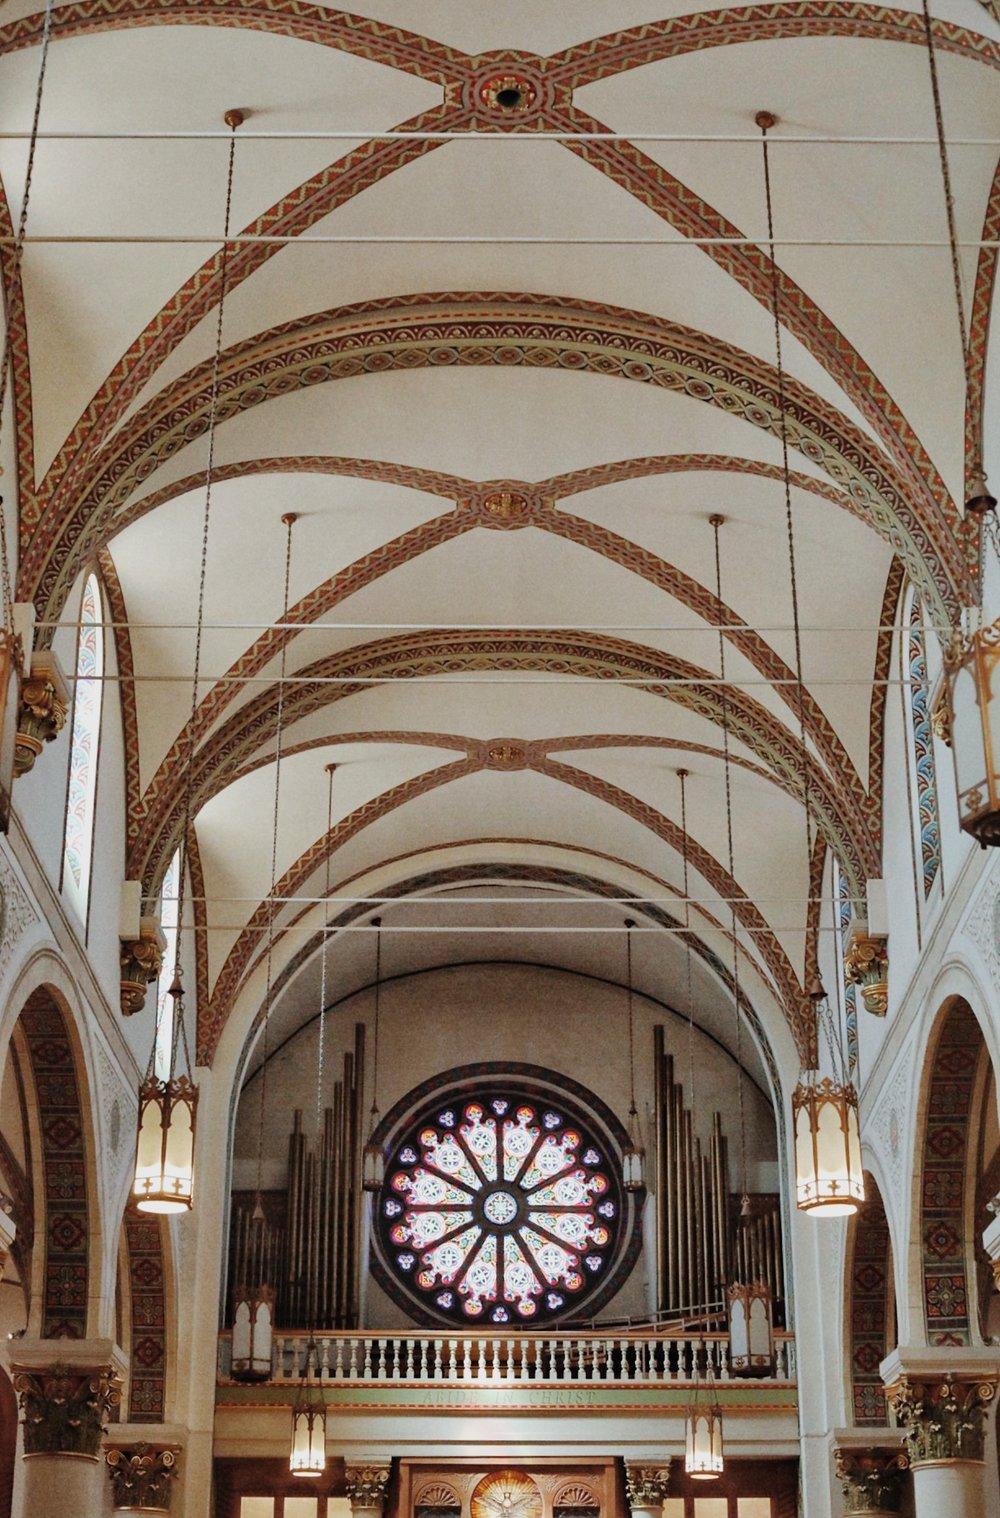 Santa Fe New Mexico Church - Kelly Wirht Photographer